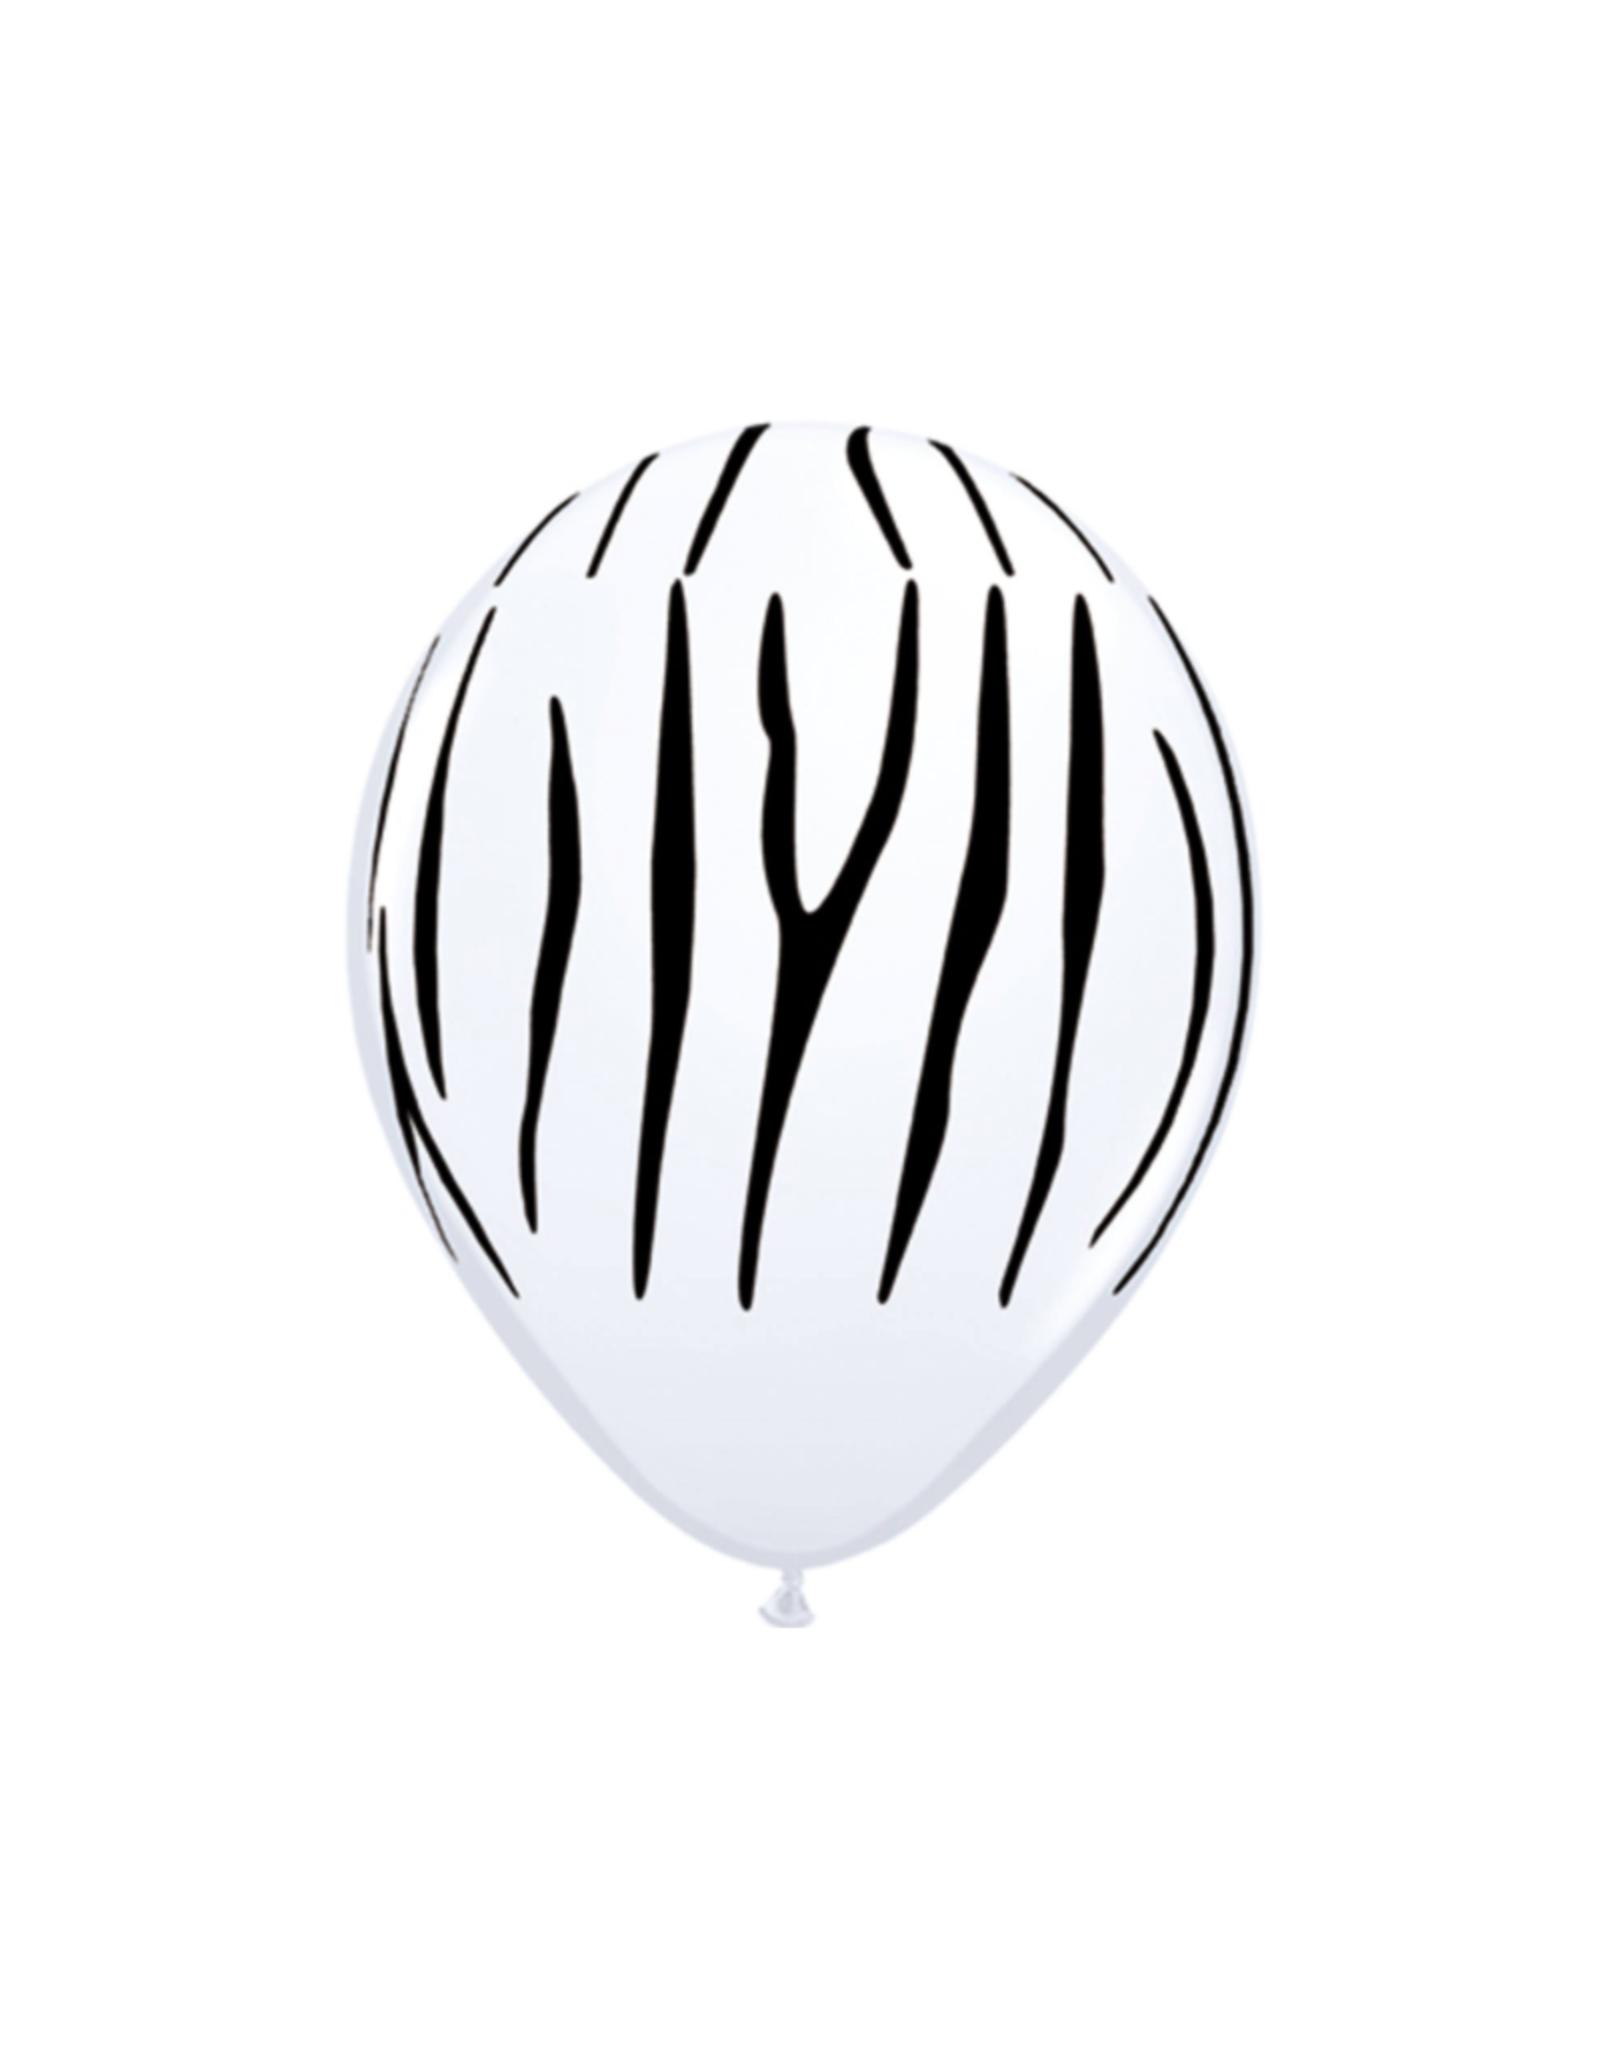 Folat Ballonnen zebra print | 5 stuks